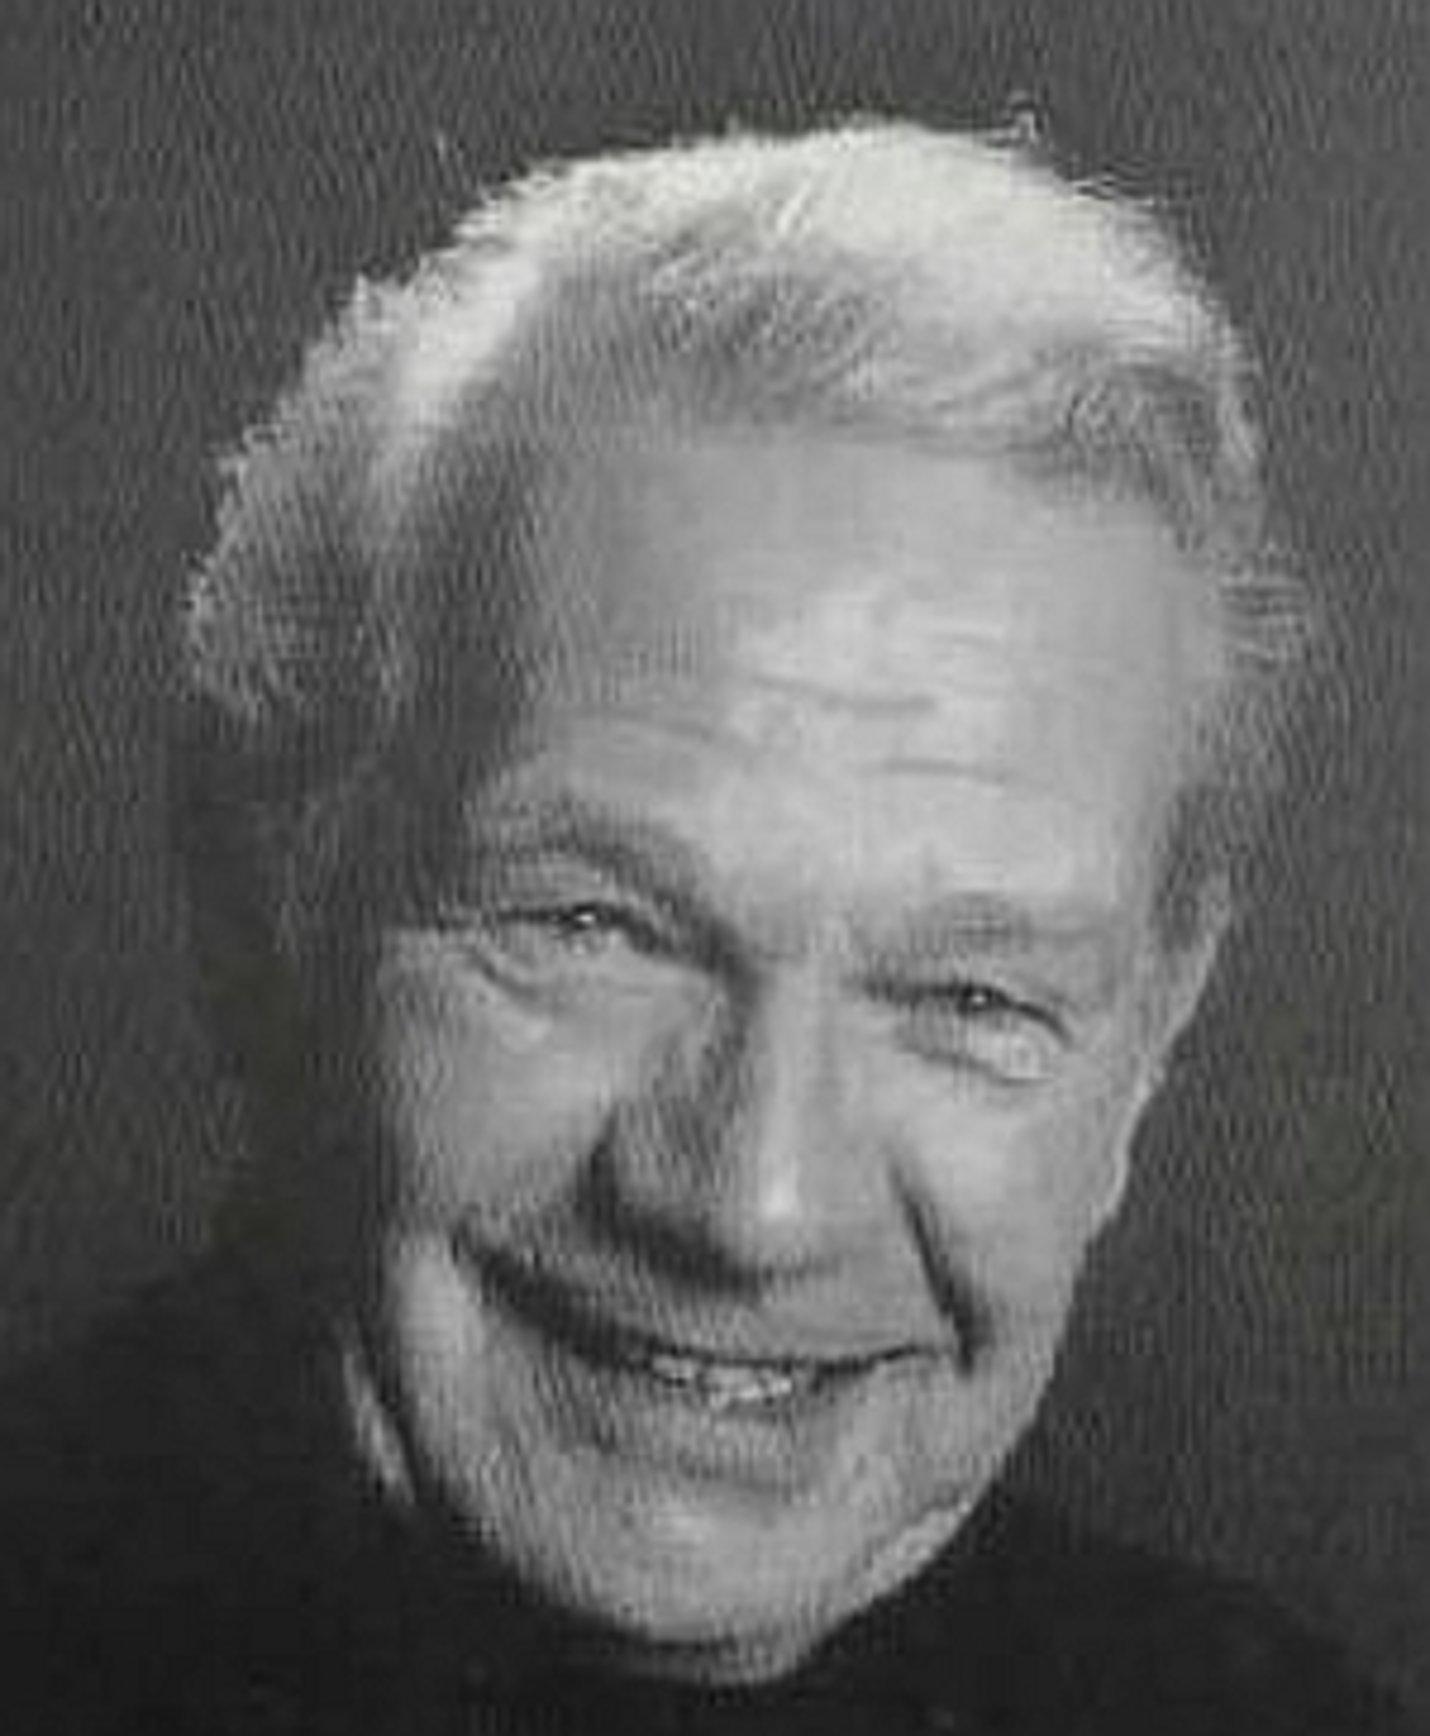 Karl-Heinz Kreienbaum